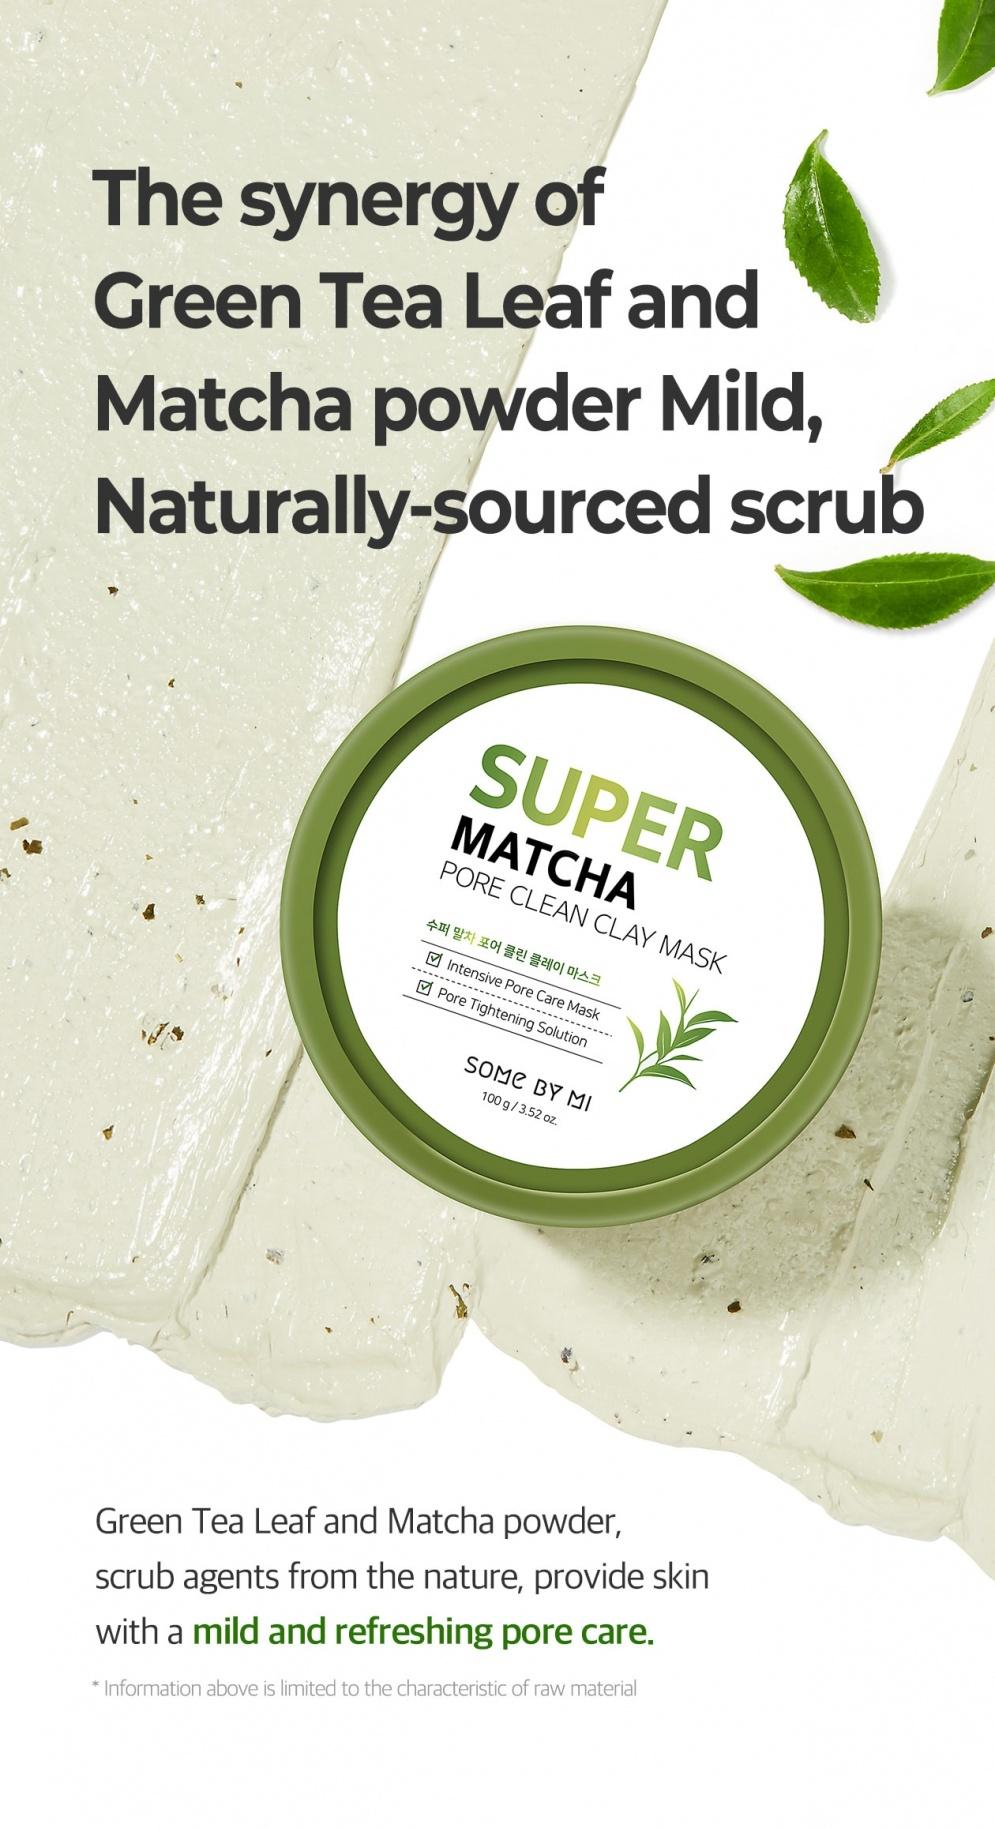 Super Match Pore Clean Clay Mask-6